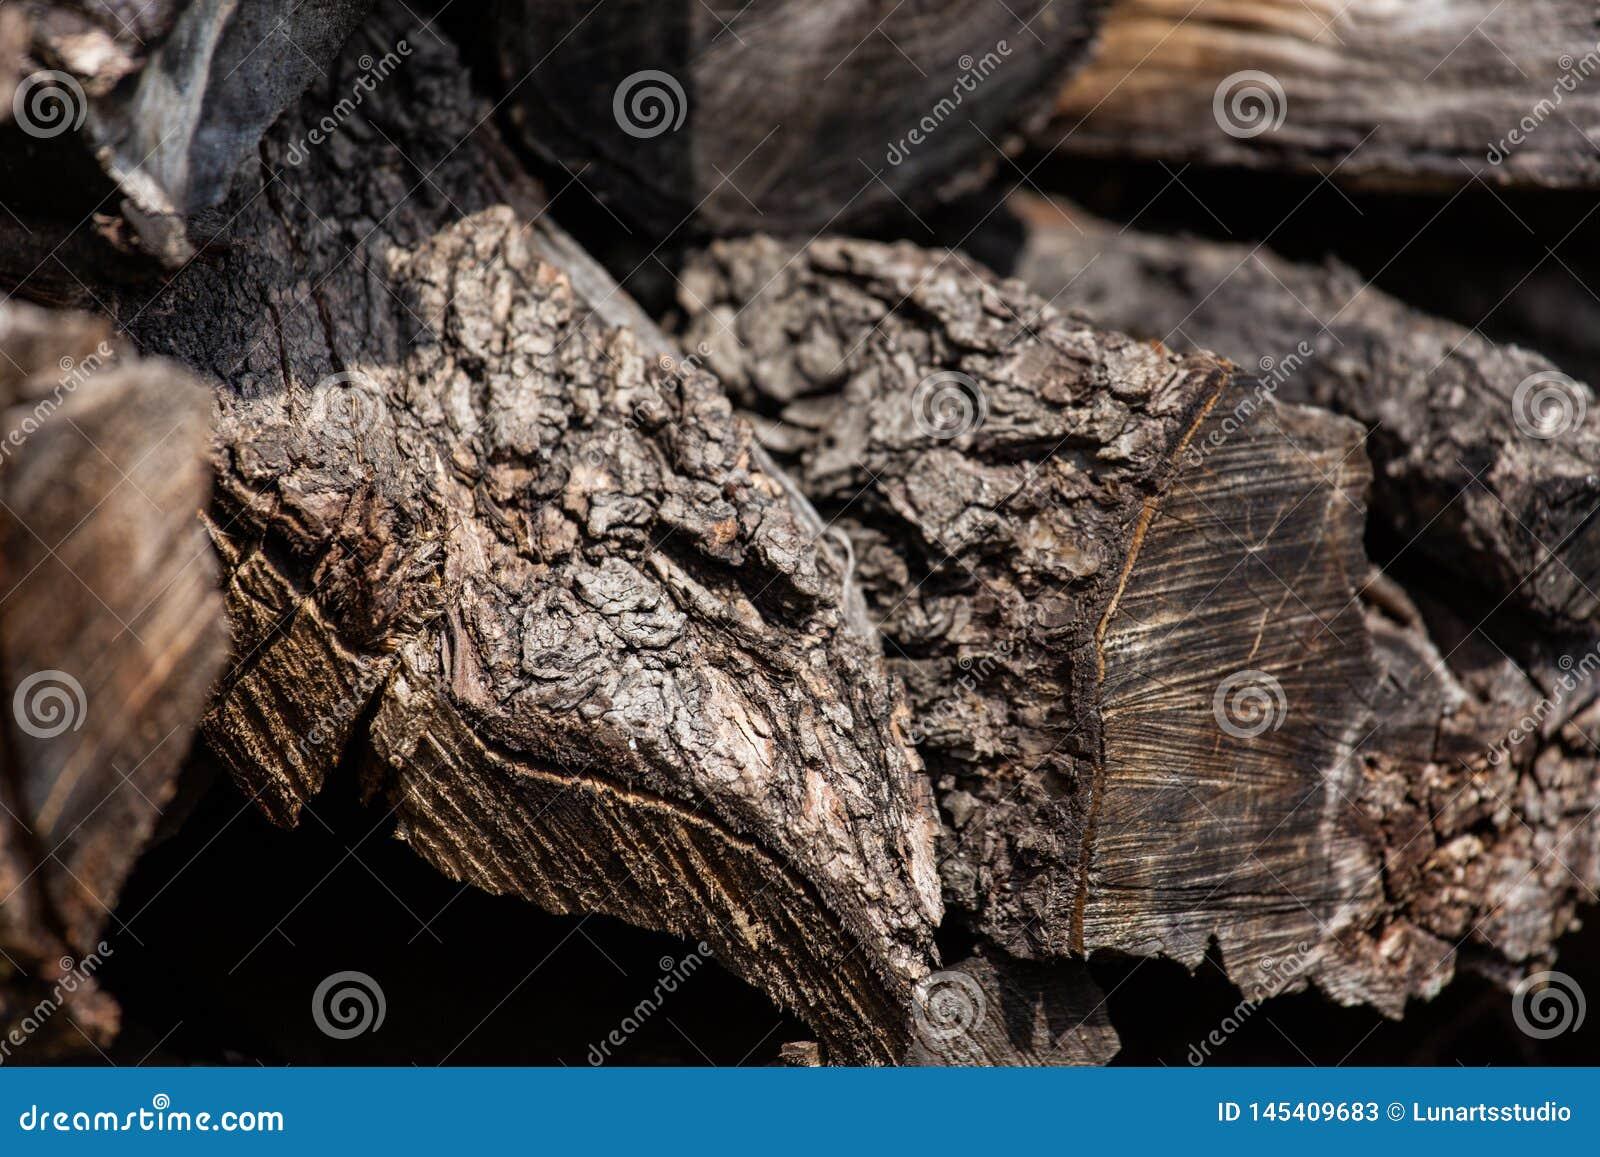 Achtergrond van gestapelde oude bruine steek houten logboeken